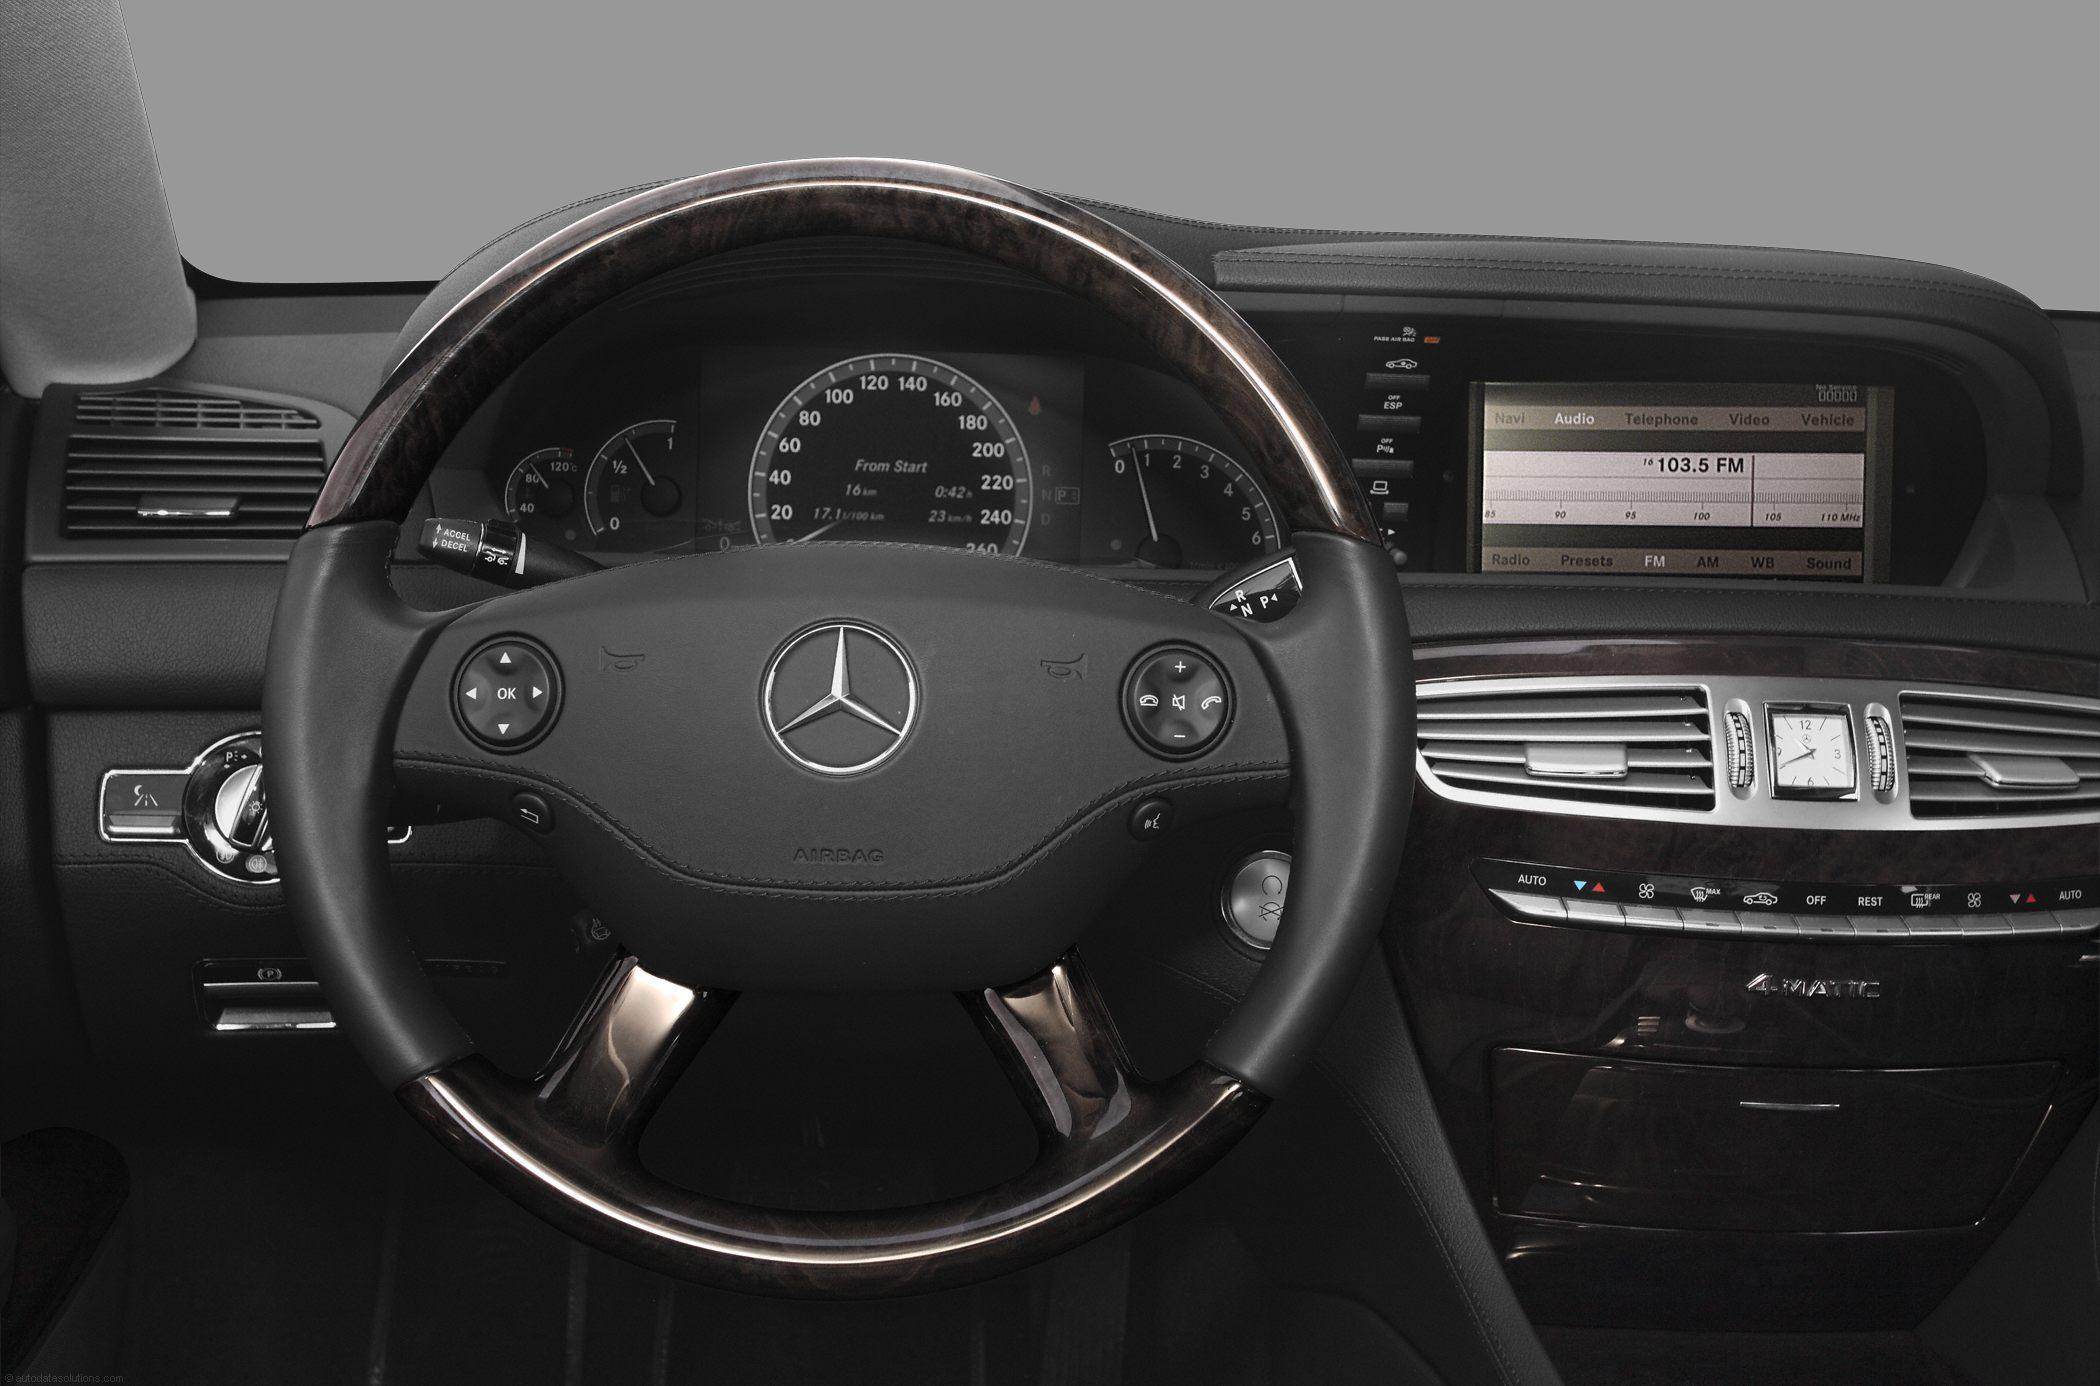 267 2014 Mercedes Benz Cl Class 1 besides Wallpaper 06 together with 4838 Mercedesbenz Clkclass 1999 11 additionally Mercedes Benz W210 Brabus E58 together with 4601 2000 Mercedes Benz Cl Class 6. on mercedes benz cl class